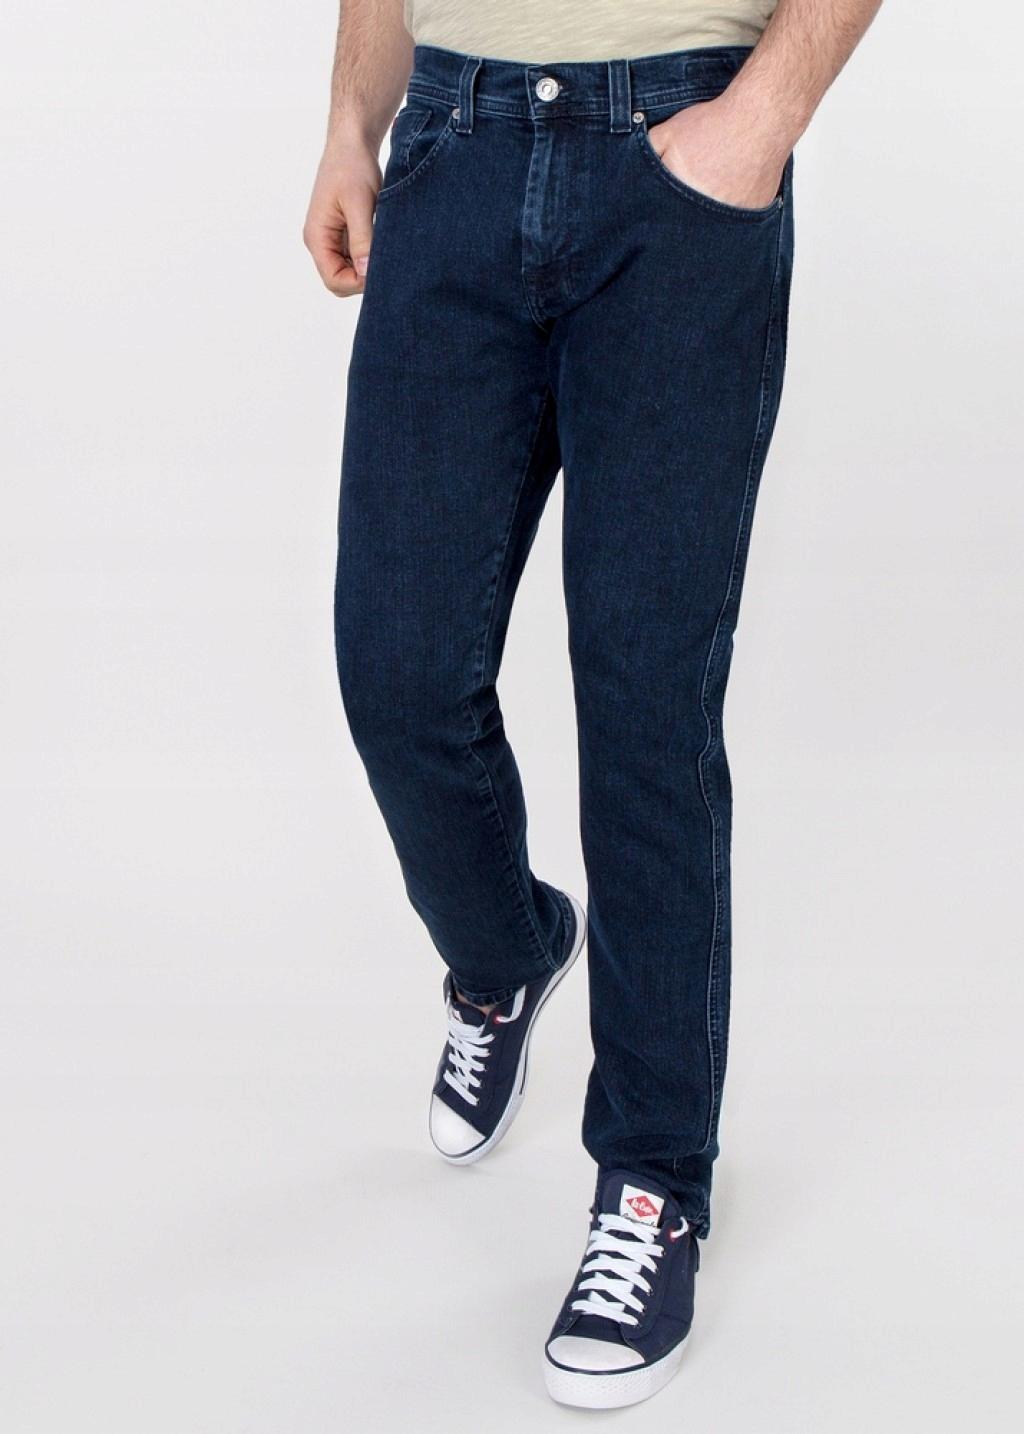 Lee Cooper Jeans LC7504 SEVRAN BLUE BLACK 3630